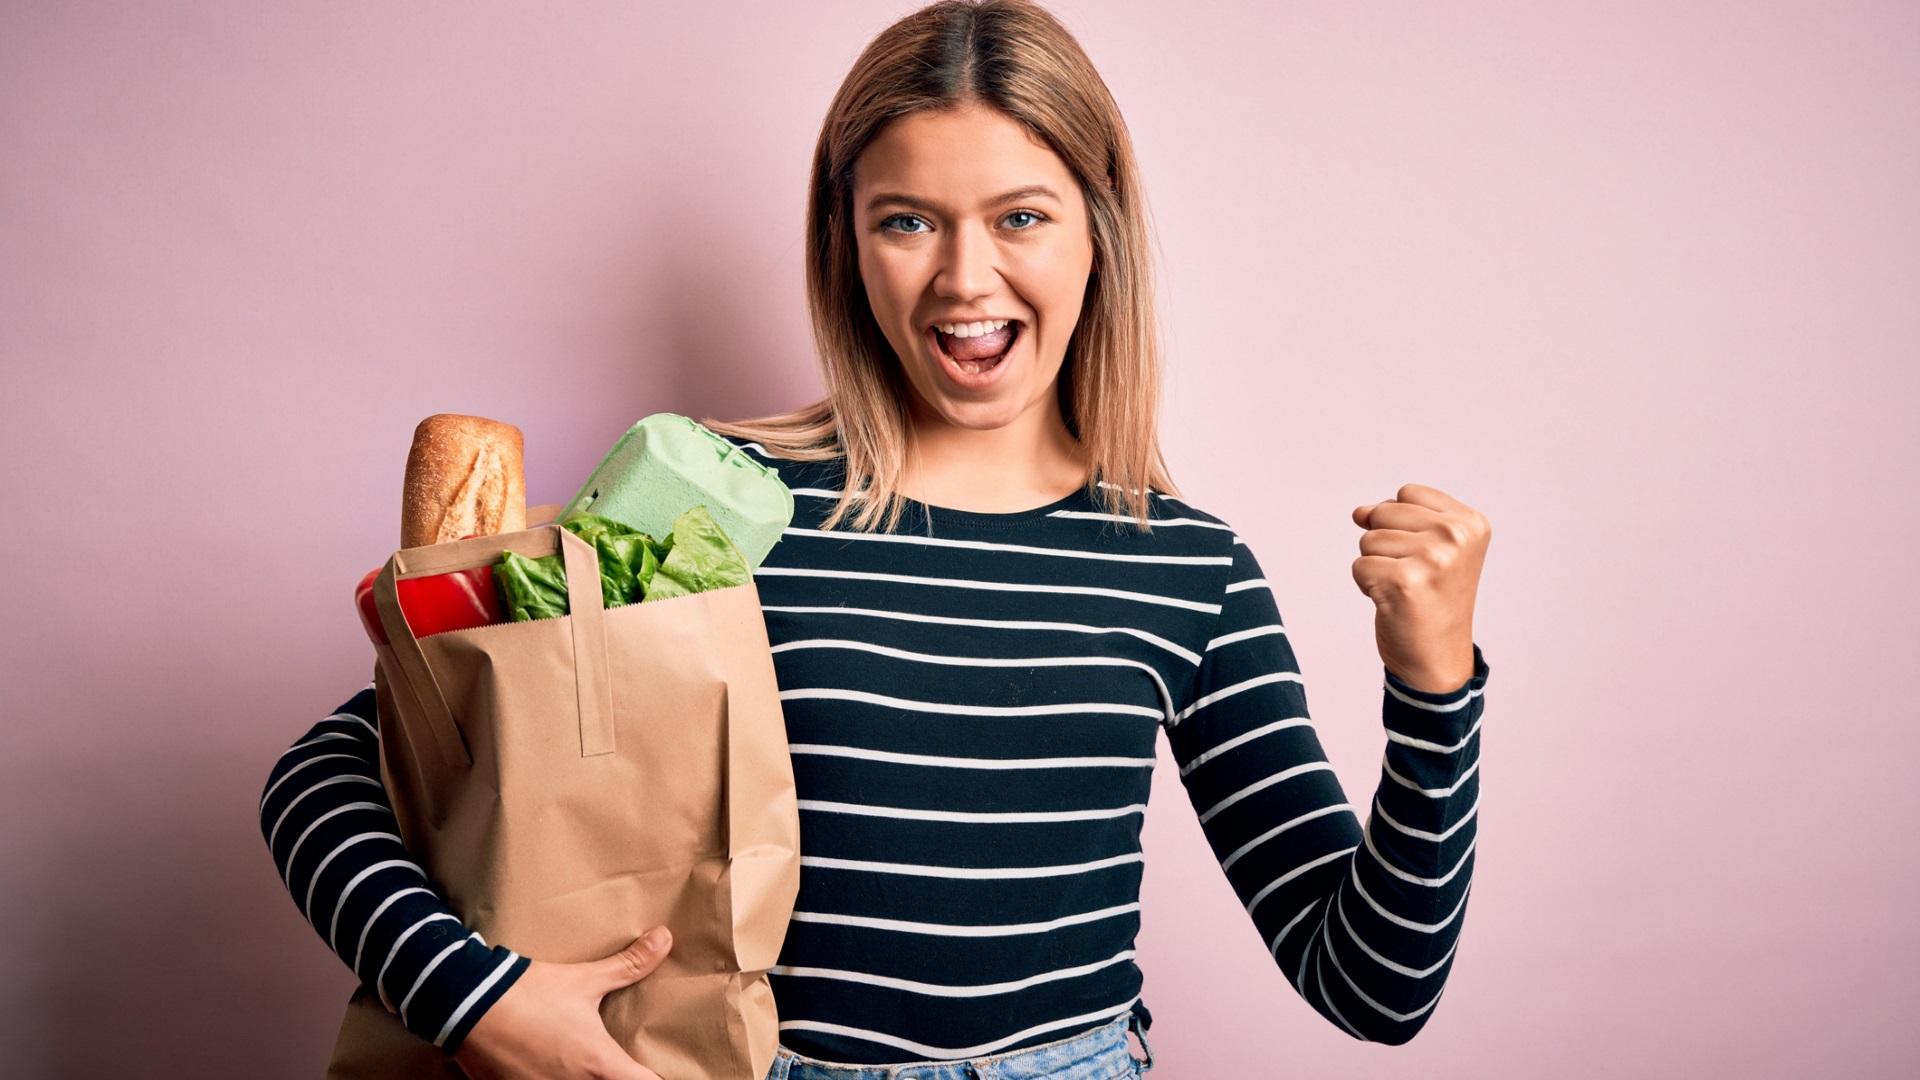 <p><strong>Не пазарувайте</strong></p>  <p>Всички знаем, че гладът ни кара да купуваме повече храна, отколкото всъщност ни е необходима. Празният стомах обаче ни кара да пазаруваме повече и в нехранителен магазин.</p>  <p><u>Съвет:</u> Ако все пак сте в магазина гладни, предварително изготвен списък и плащане в брой ще ви помогнат да не прахосвате пари.</p>